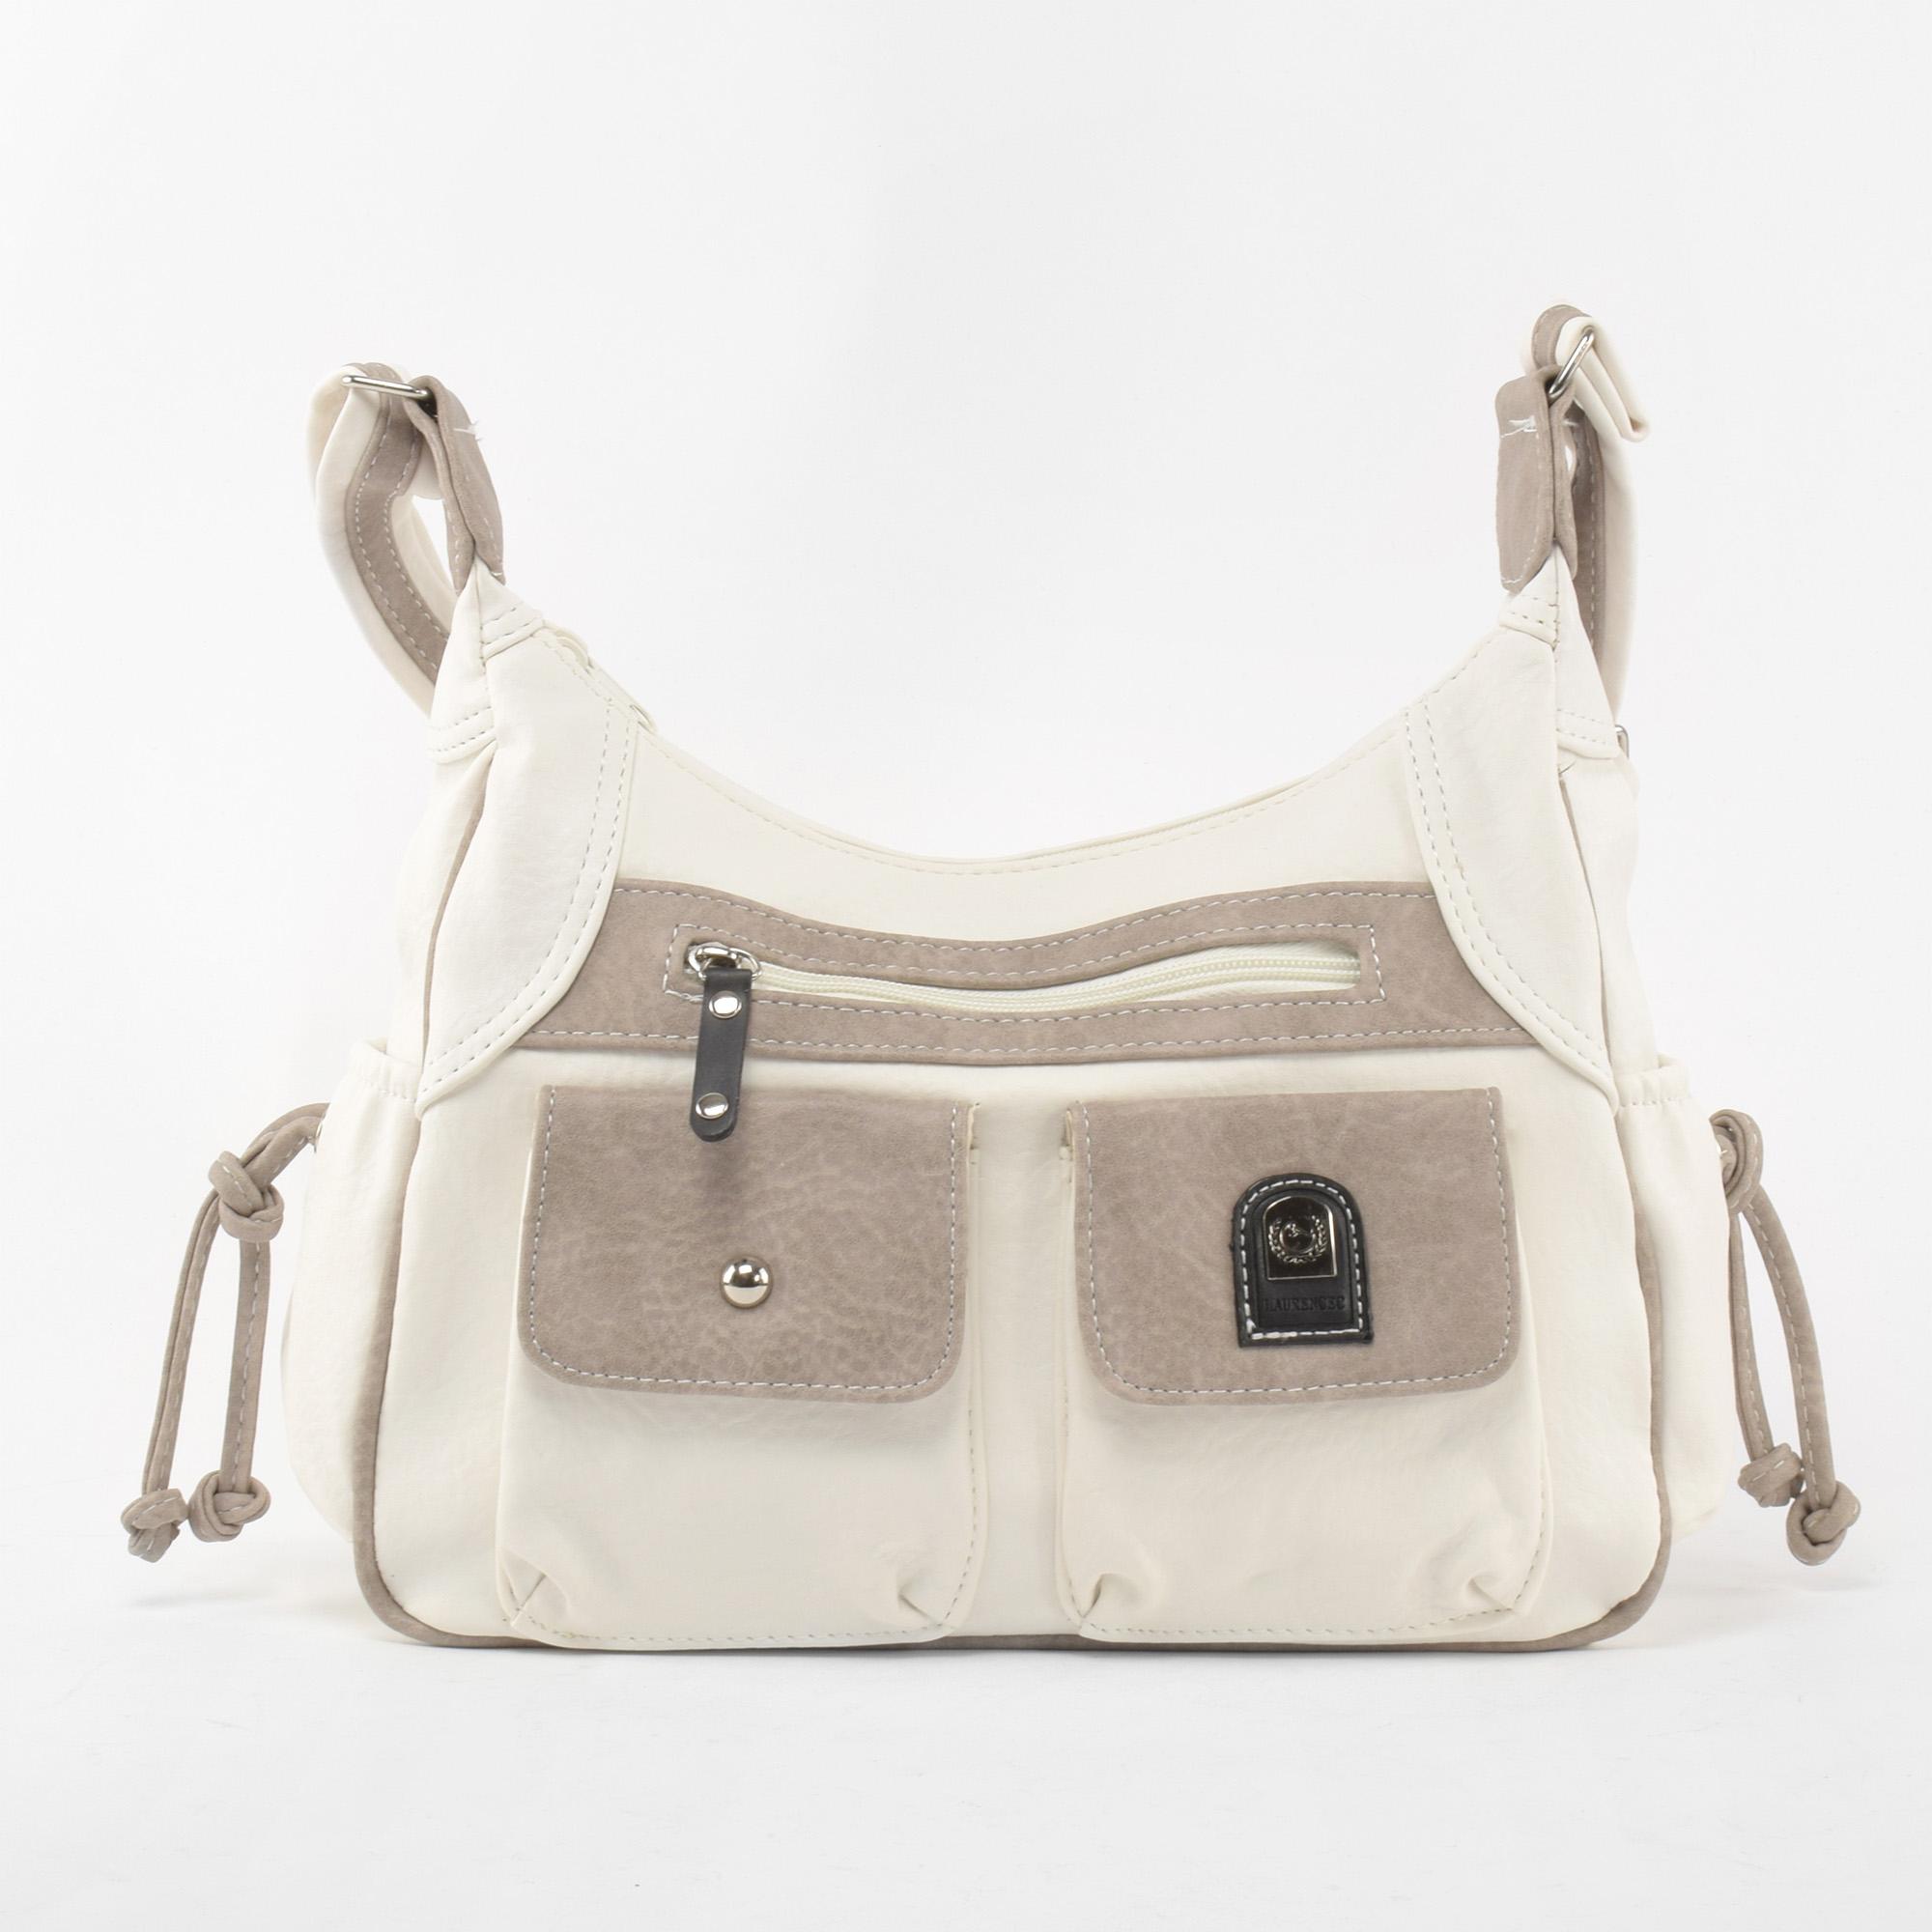 0a40144f9be3 Besty Női Fehér Műbőr Oldaltáska - Oldaltáskák - Táska webáruház - Minőségi  táskák mindenkinek